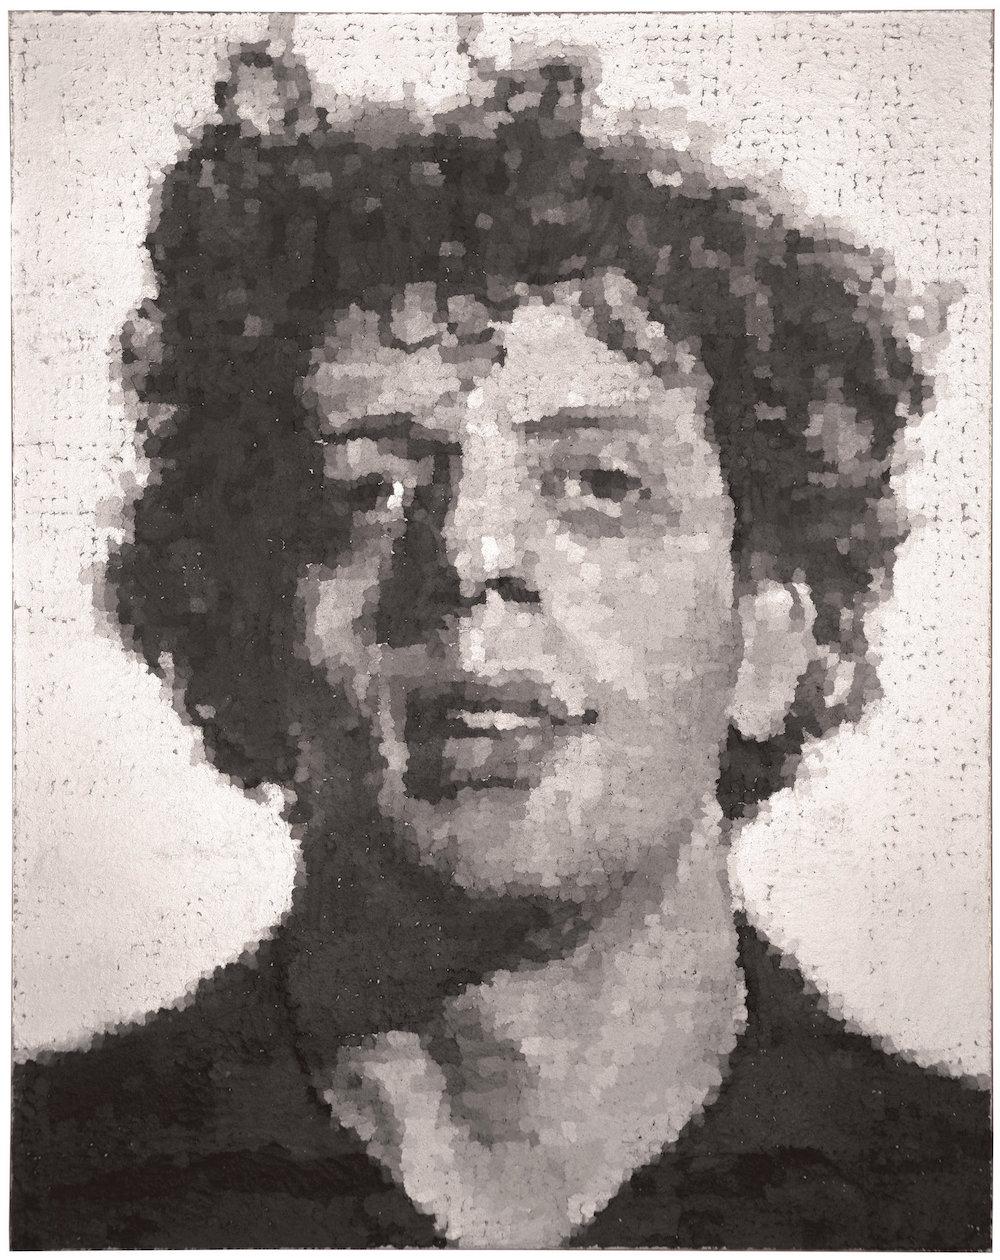 查克·克洛斯1983年为菲利普·格拉斯所作画像。